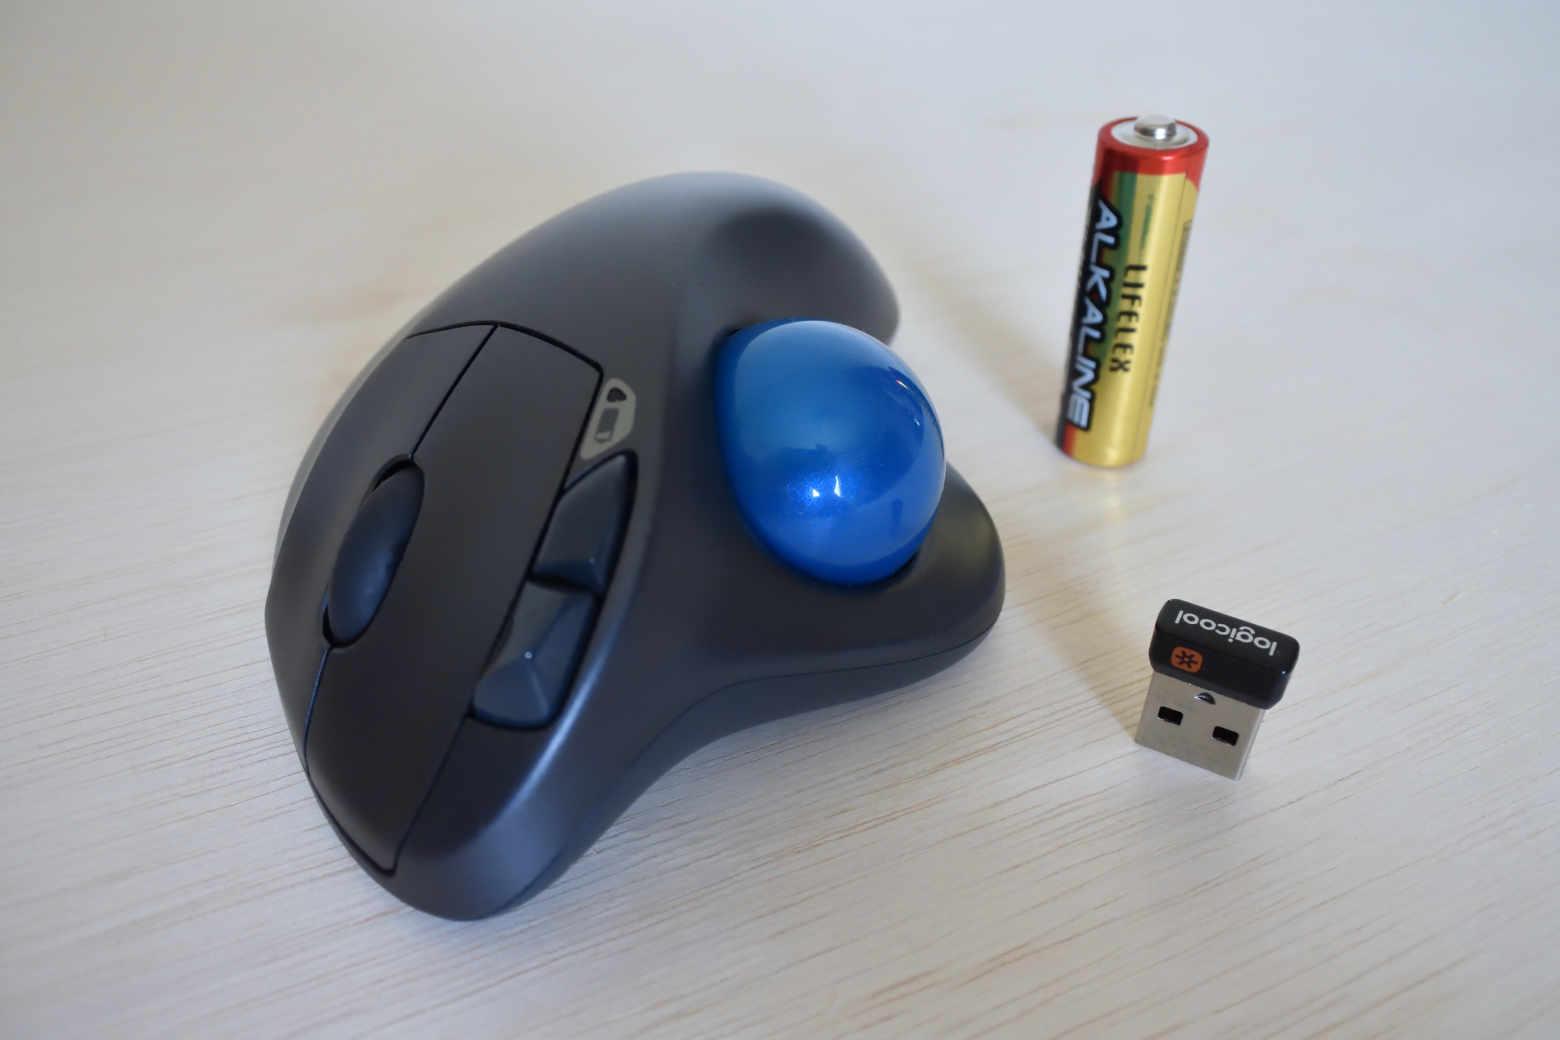 M570t:初心者にお勧めのロジクール製トラックボールマウス【インプレ】